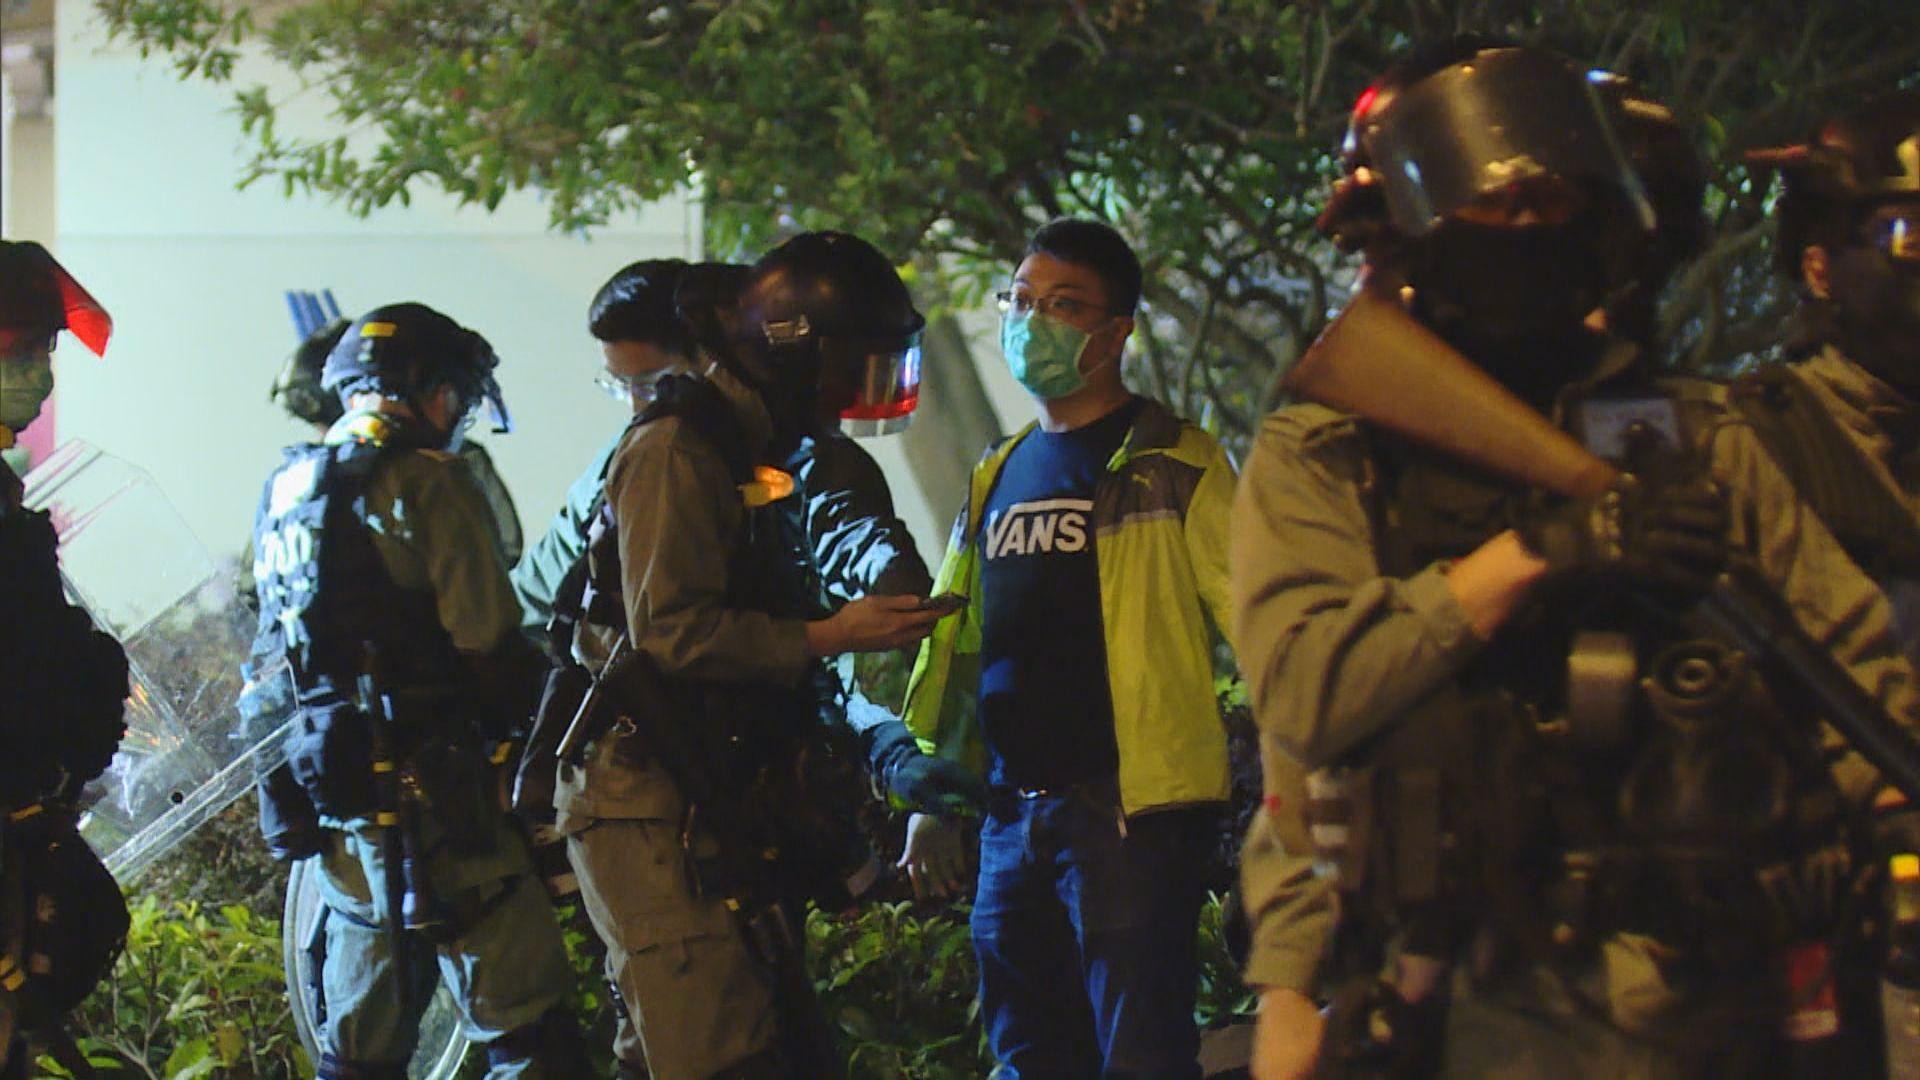 將軍澳晚上有人堵路 西貢兩區議員被捕